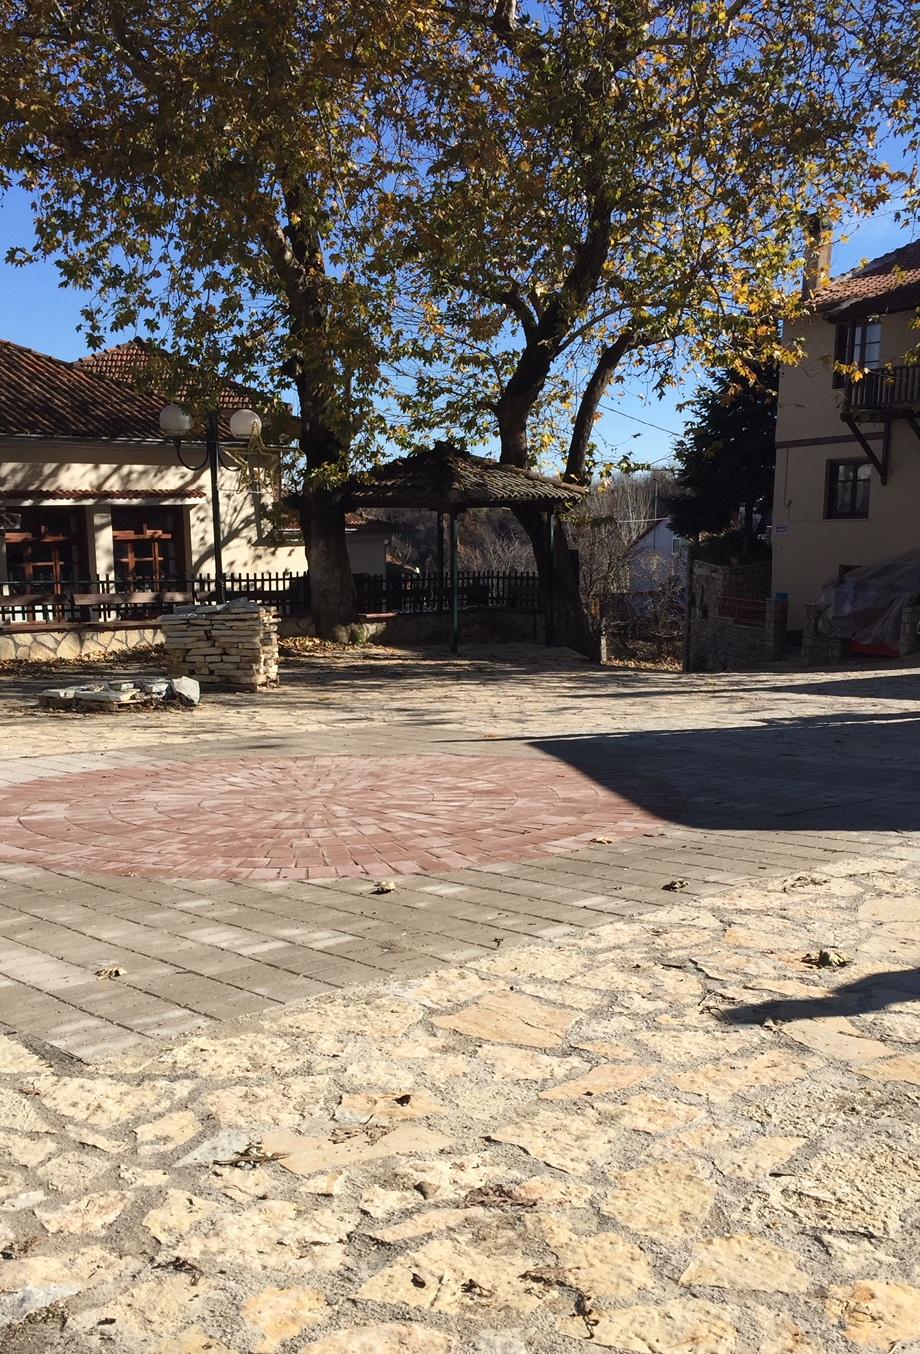 Ανακατασκευάστηκε η πλατεία στο Ξυλοπάροικο